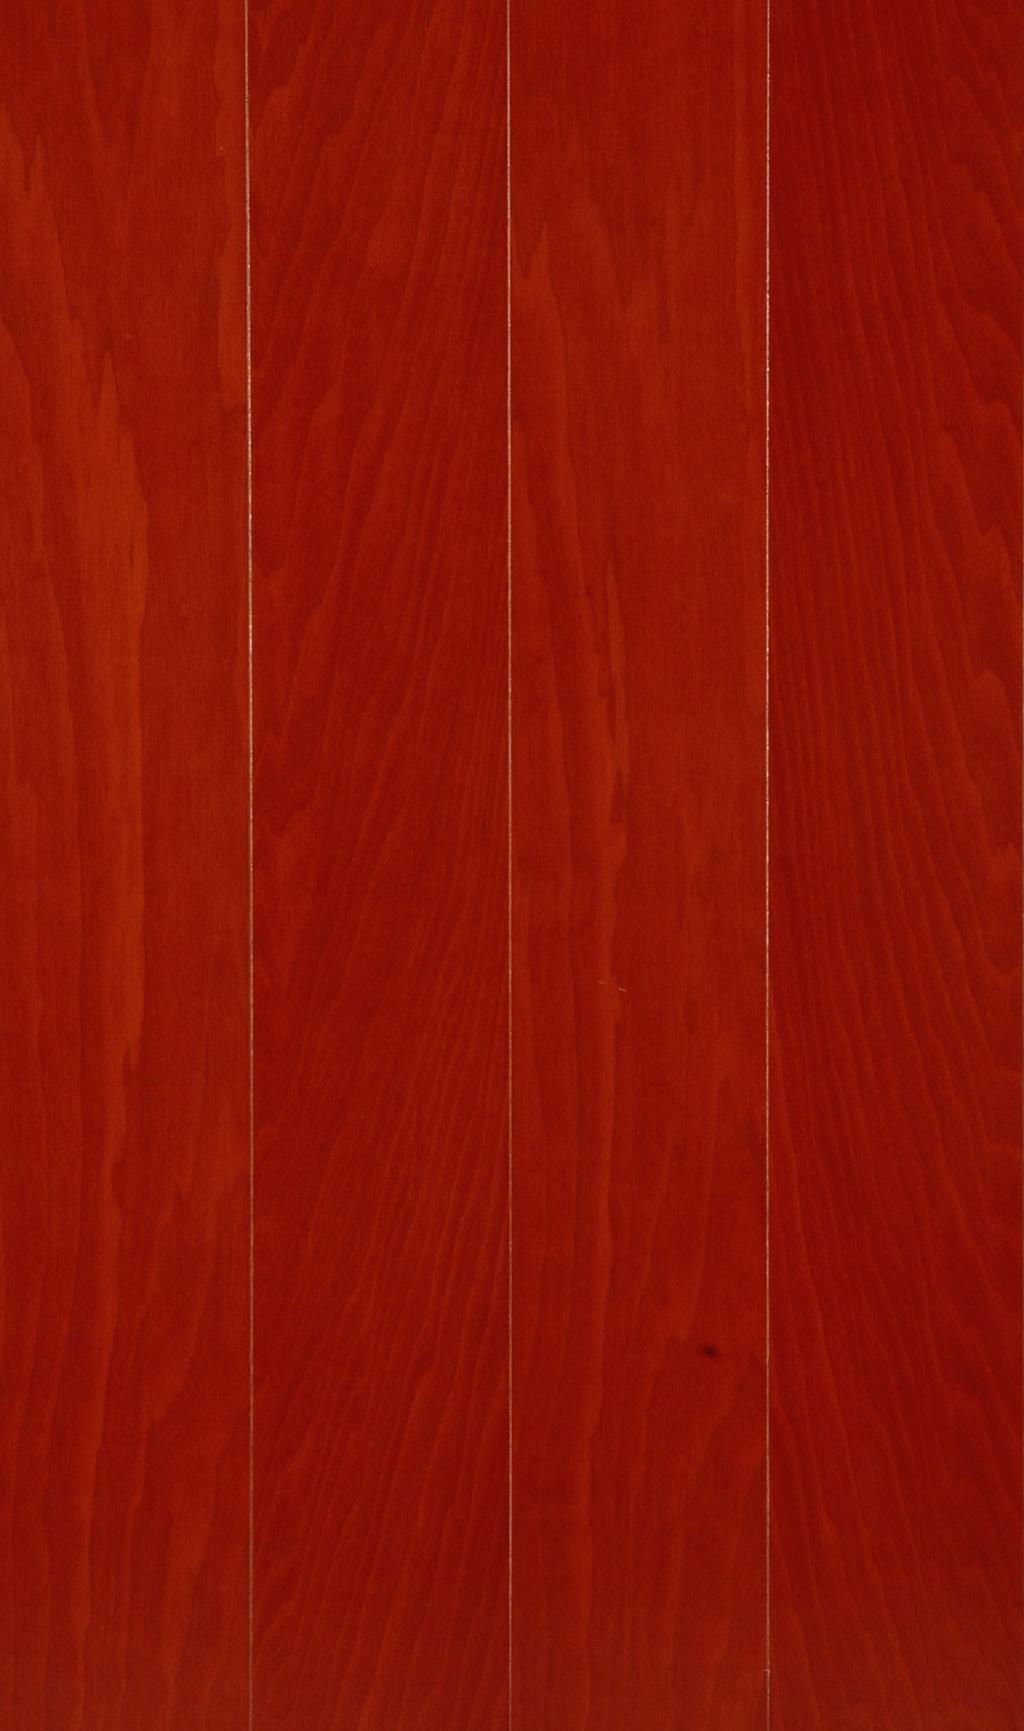 新生活家实木复合地板-普通板-非洲樱桃非洲樱桃